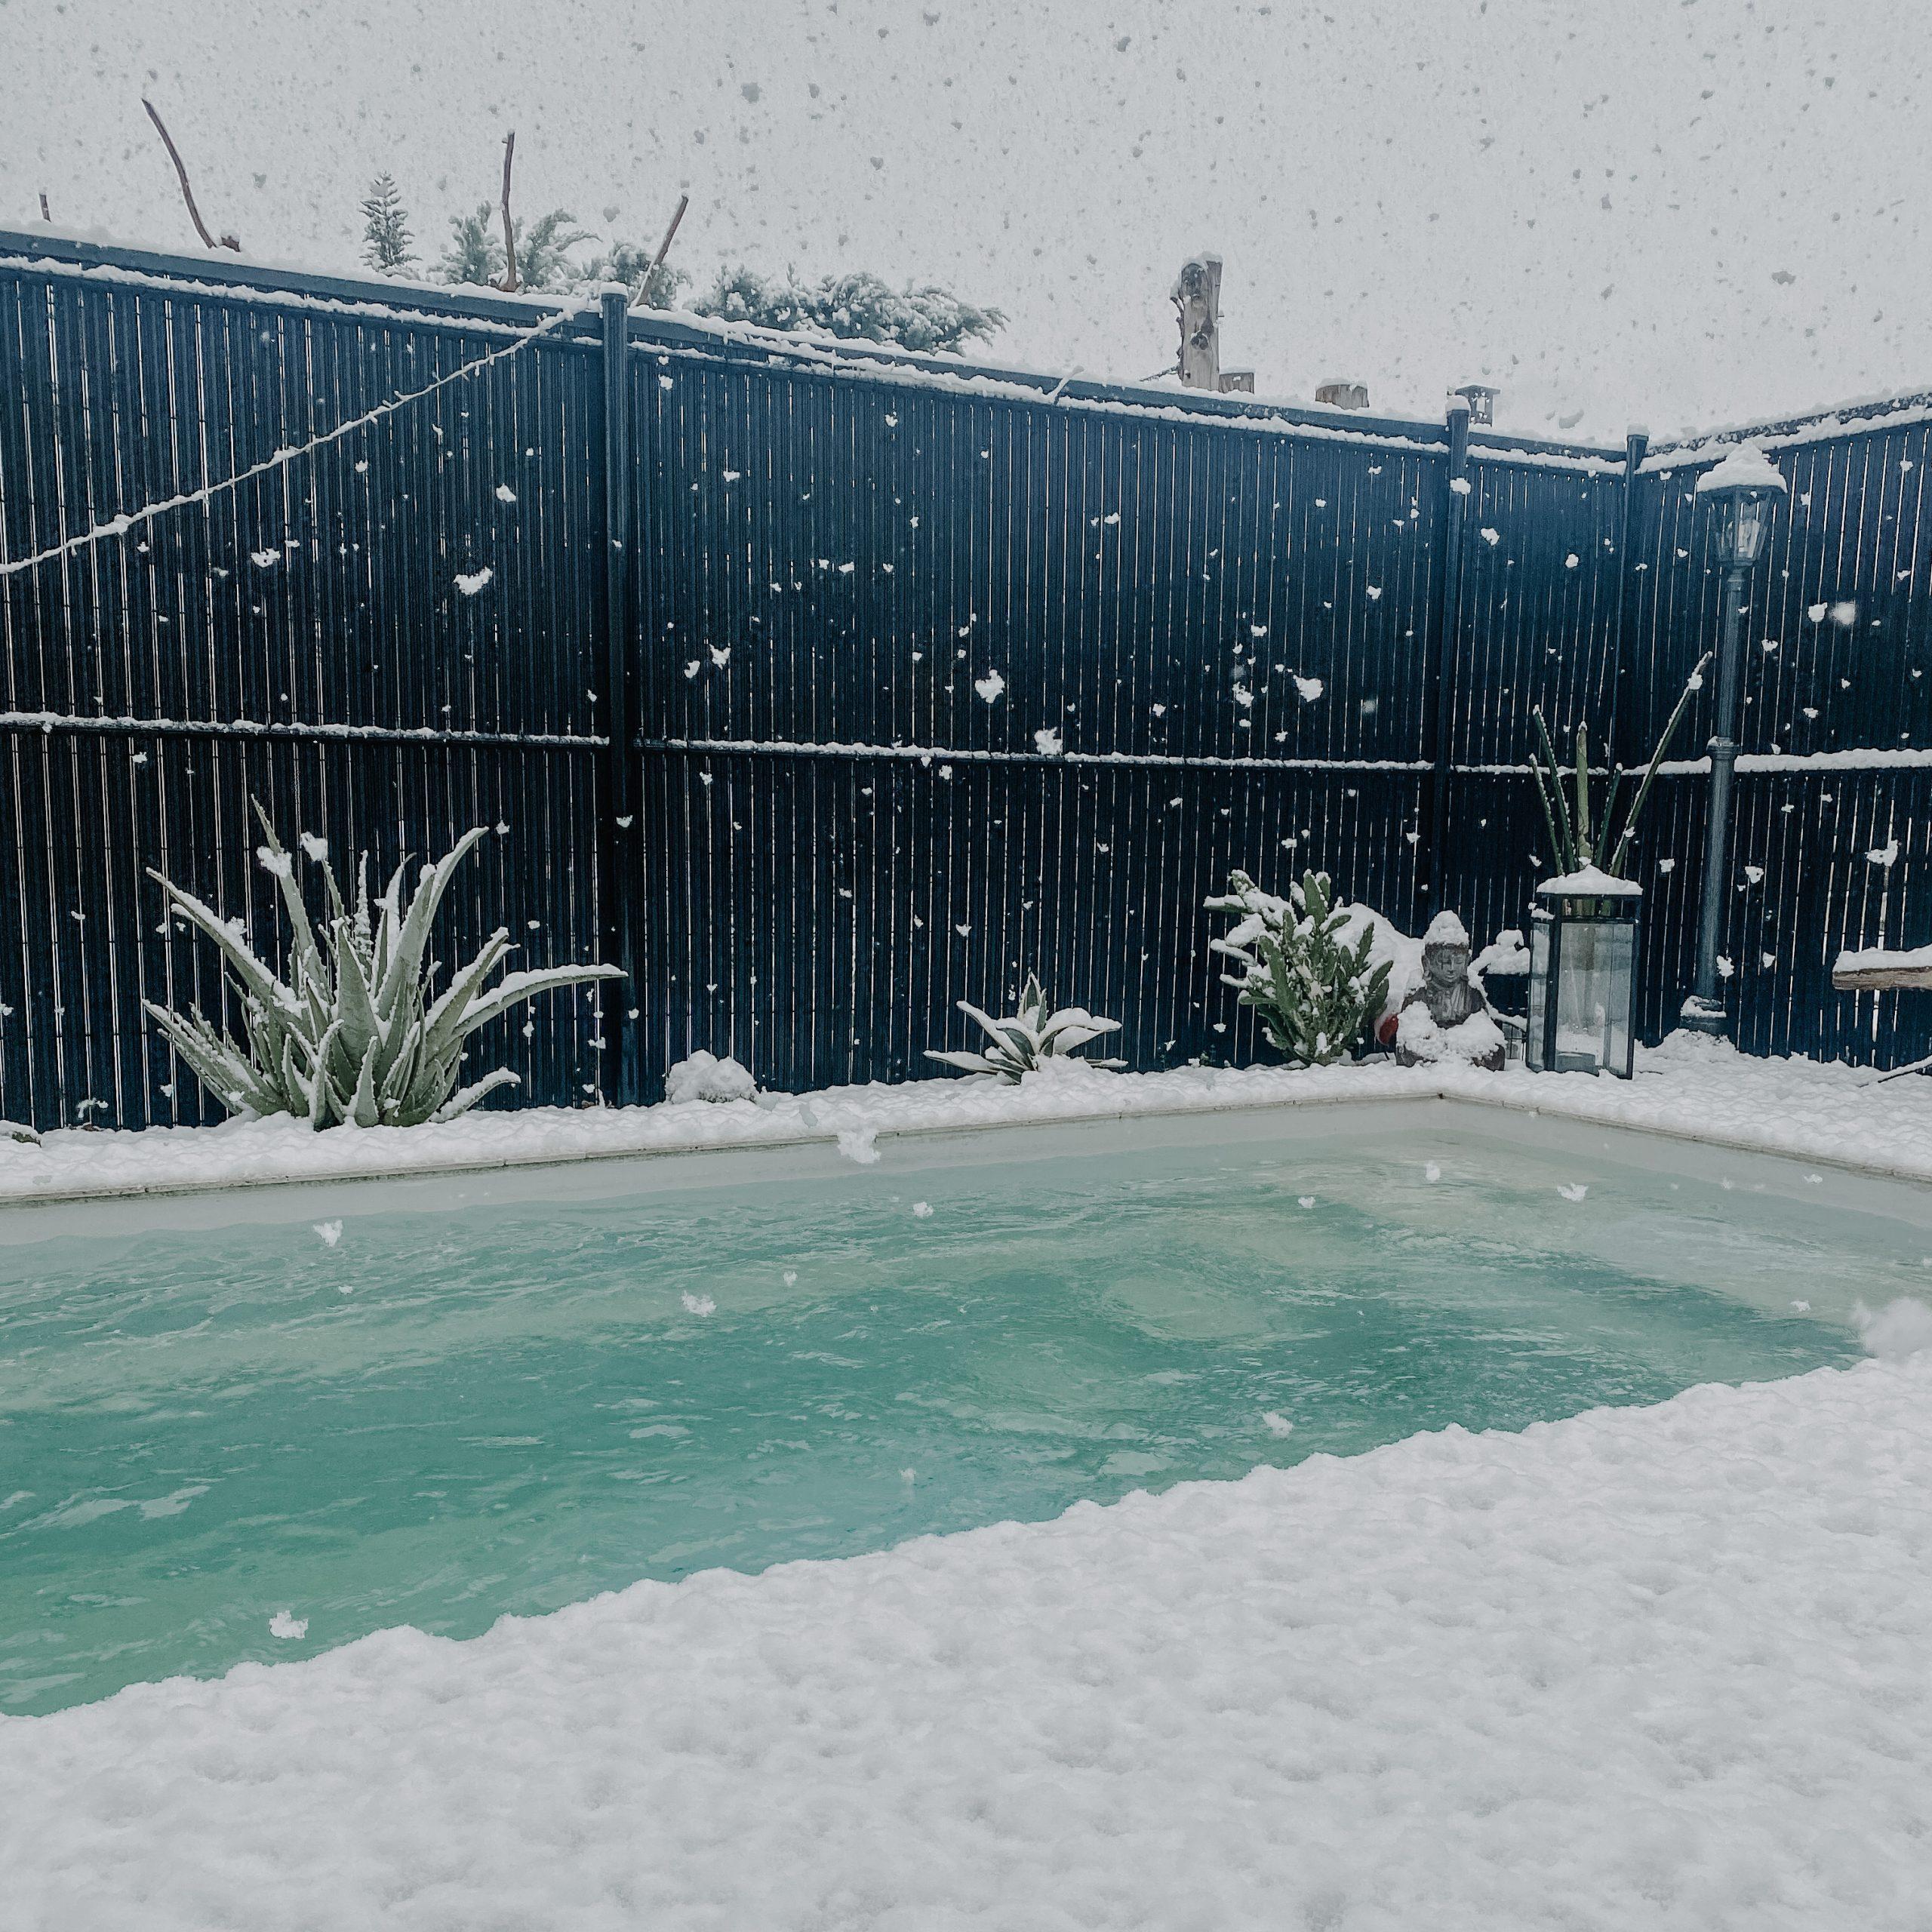 neige 2021 avignon @lemagalire